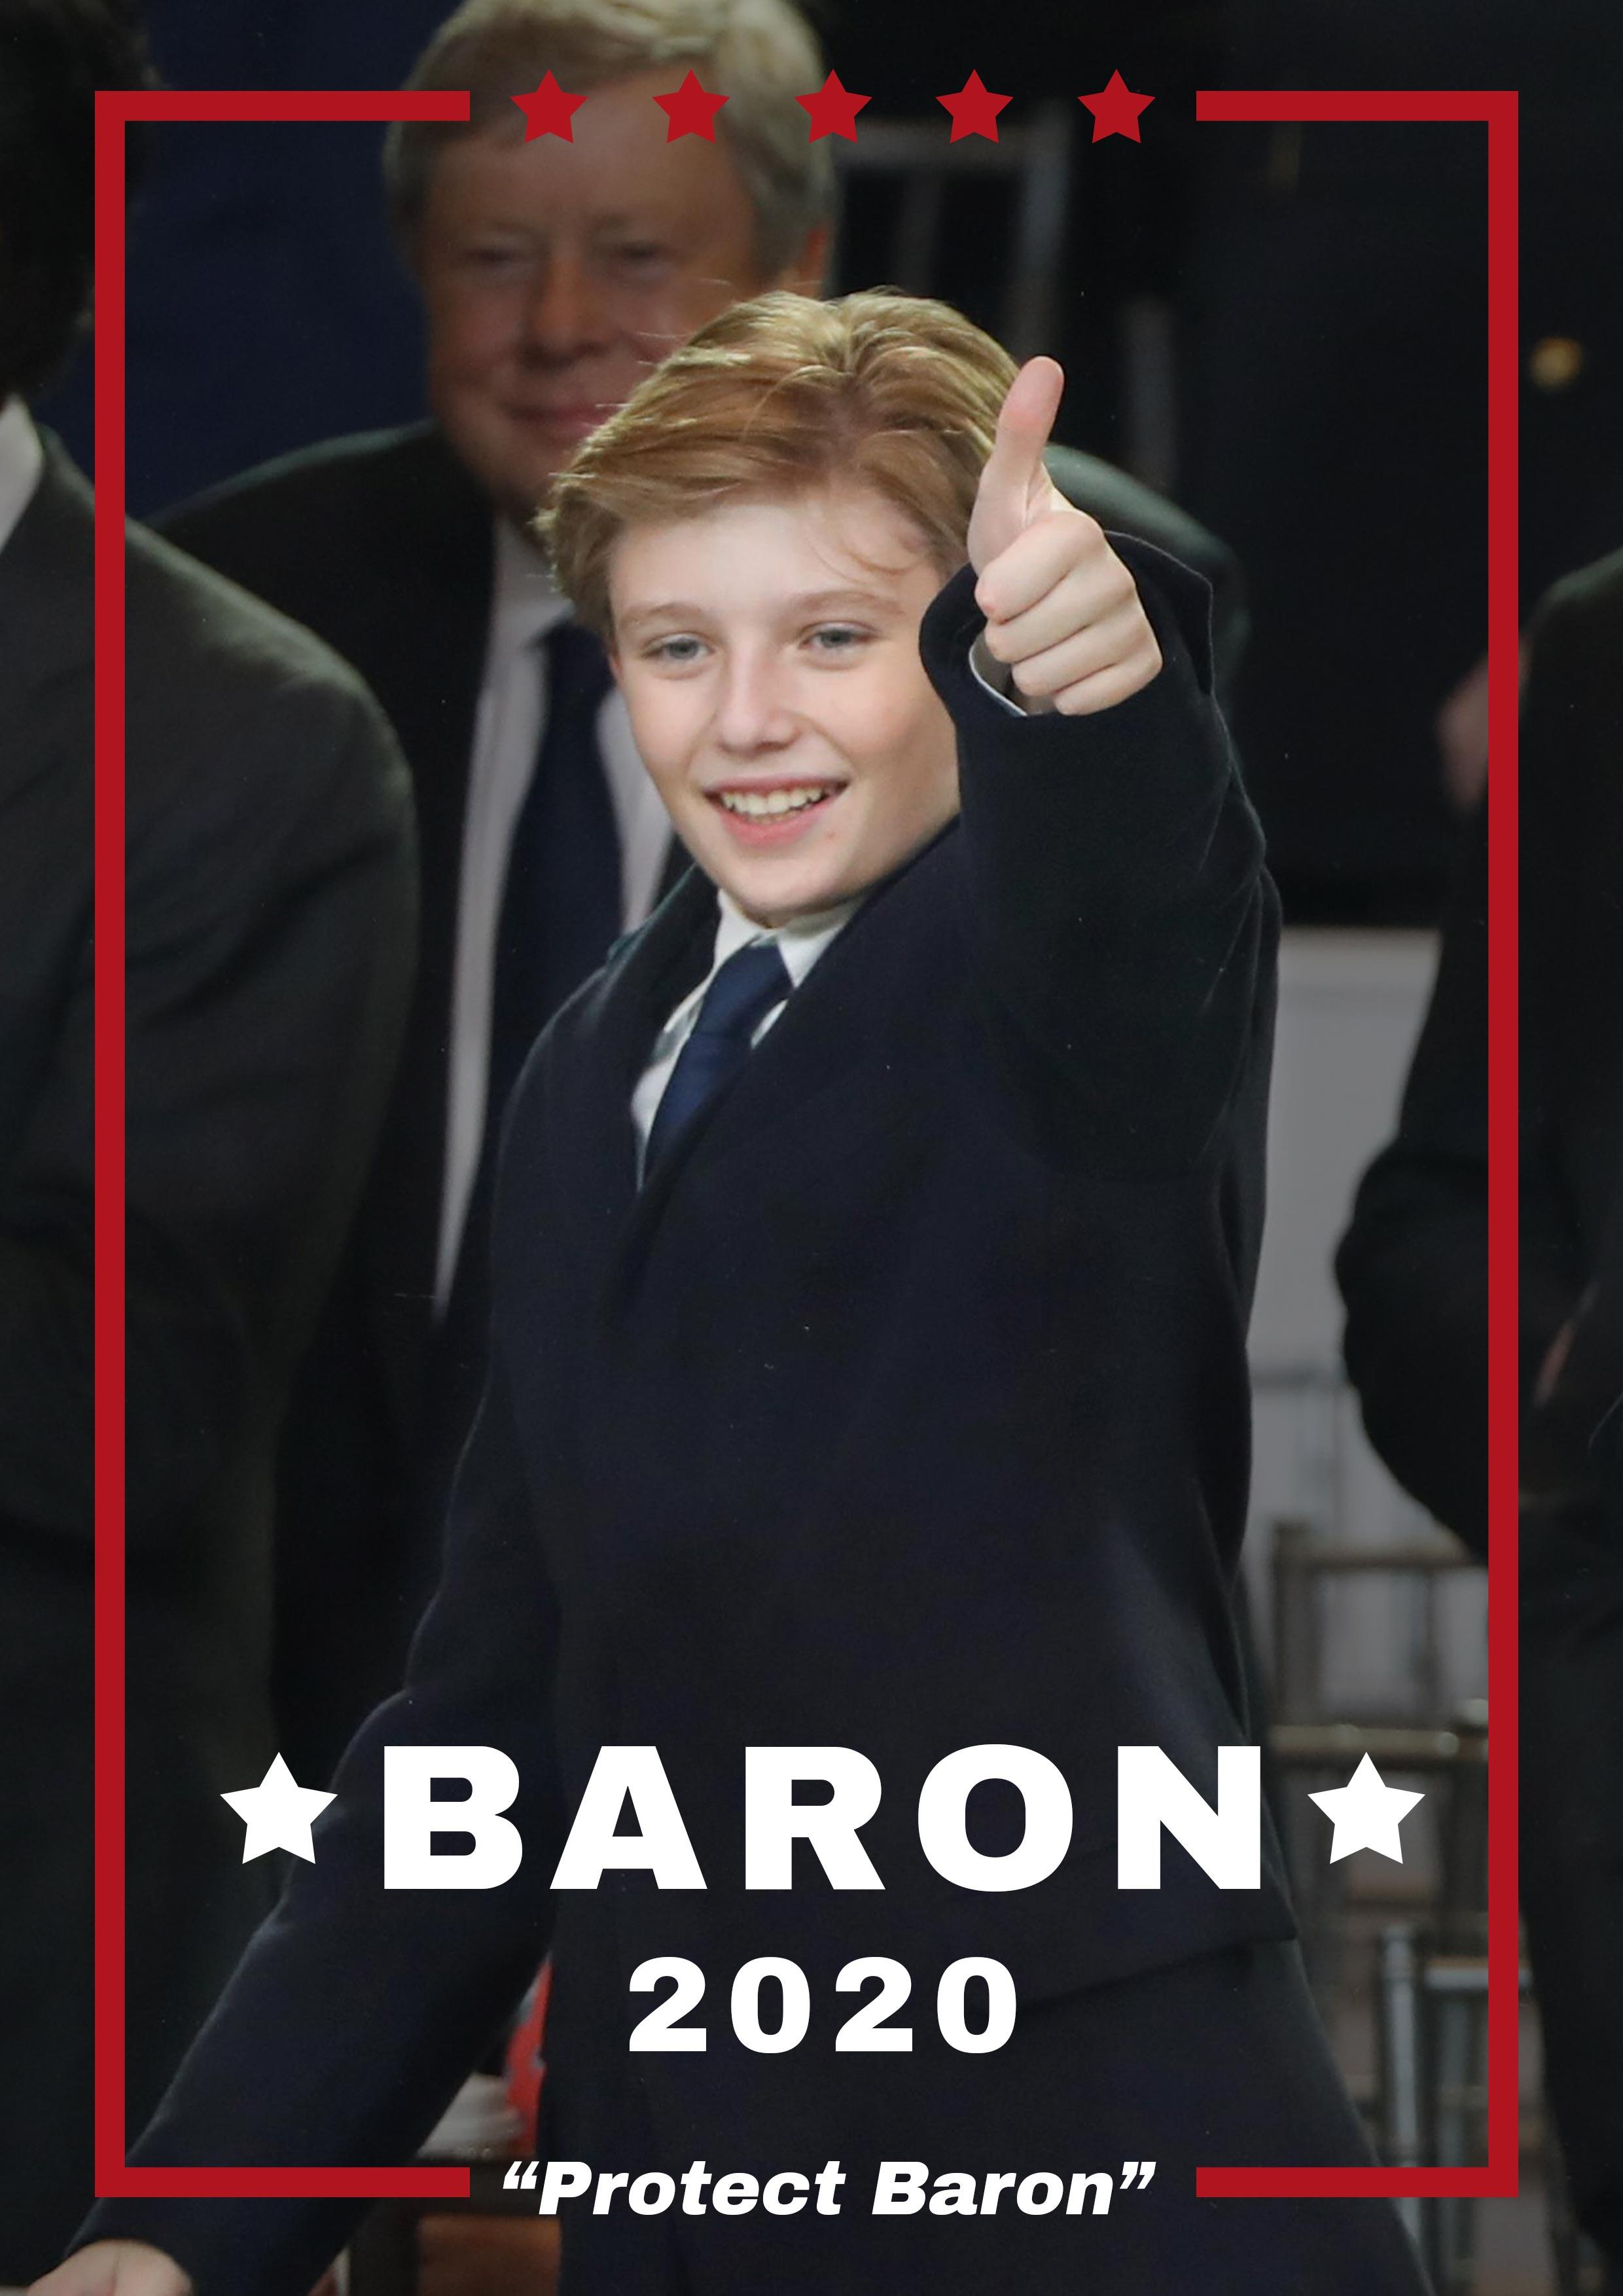 Protect Baron